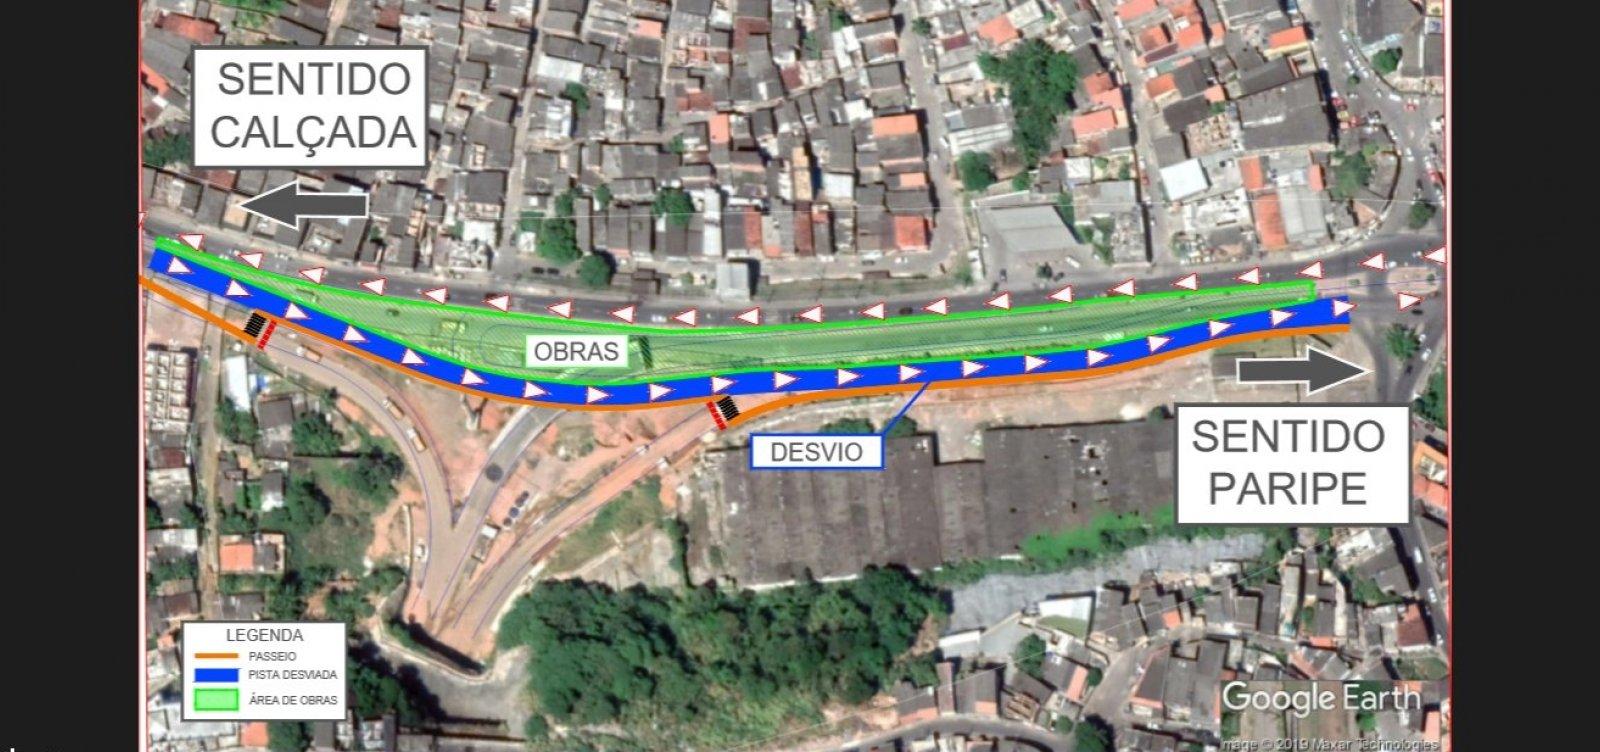 Obras da Ligação Lobato-Pirajá desviam tráfego na AvenidaSuburbana a partir de amanhã